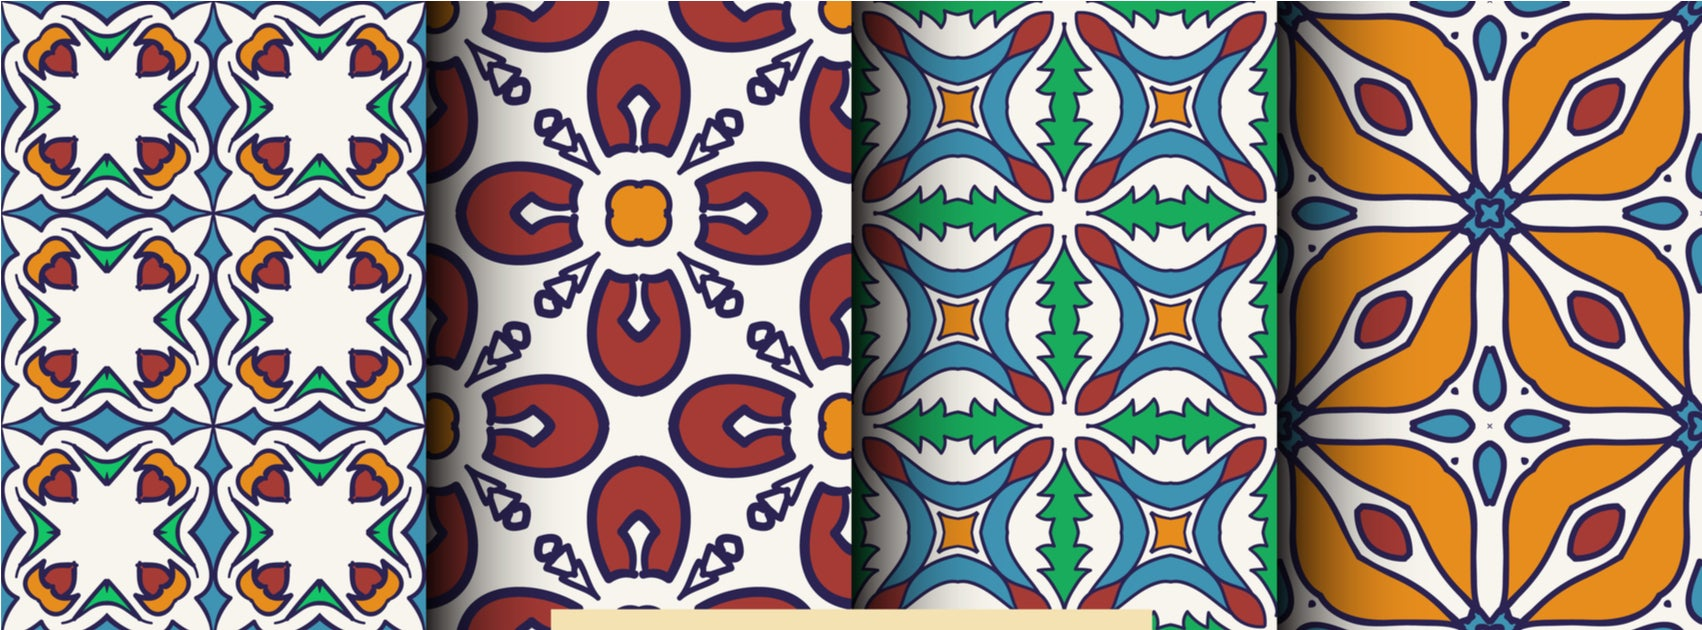 Modelos de azulejos hidraúlicos